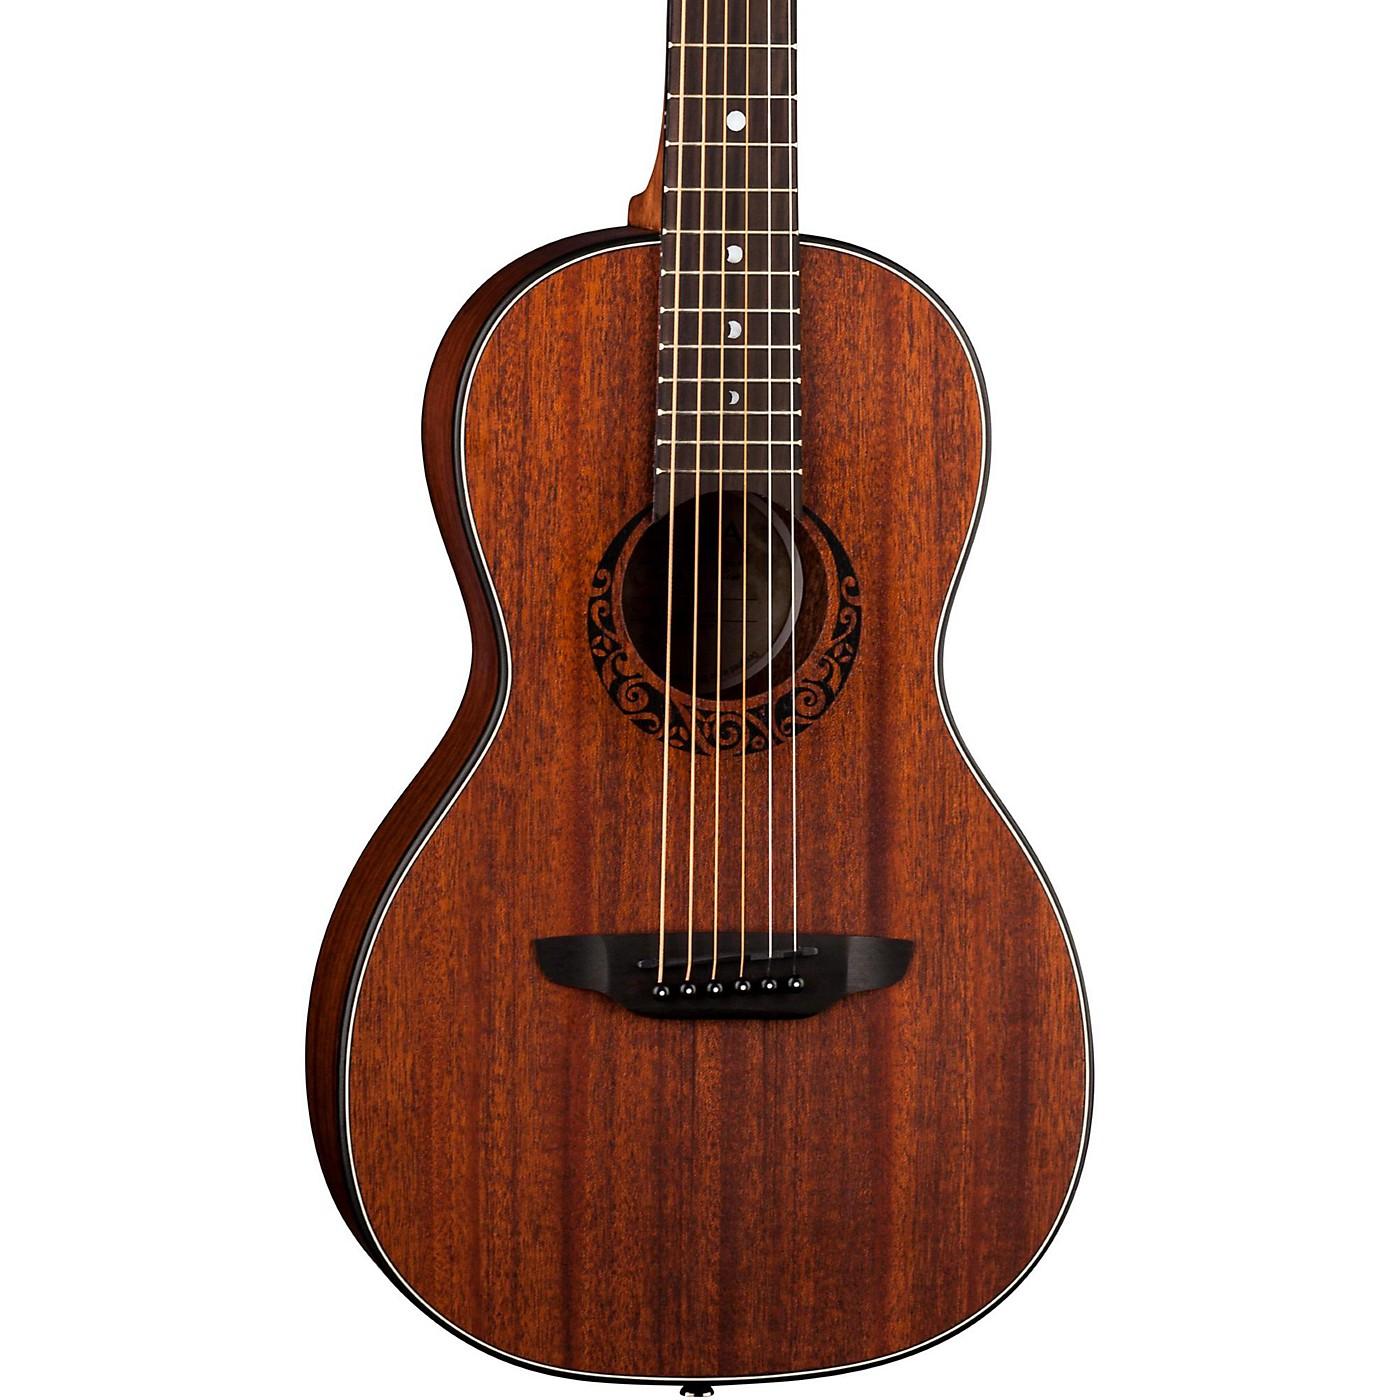 Luna Guitars Gypsy Parlor Mahogany Acoustic Guitar thumbnail